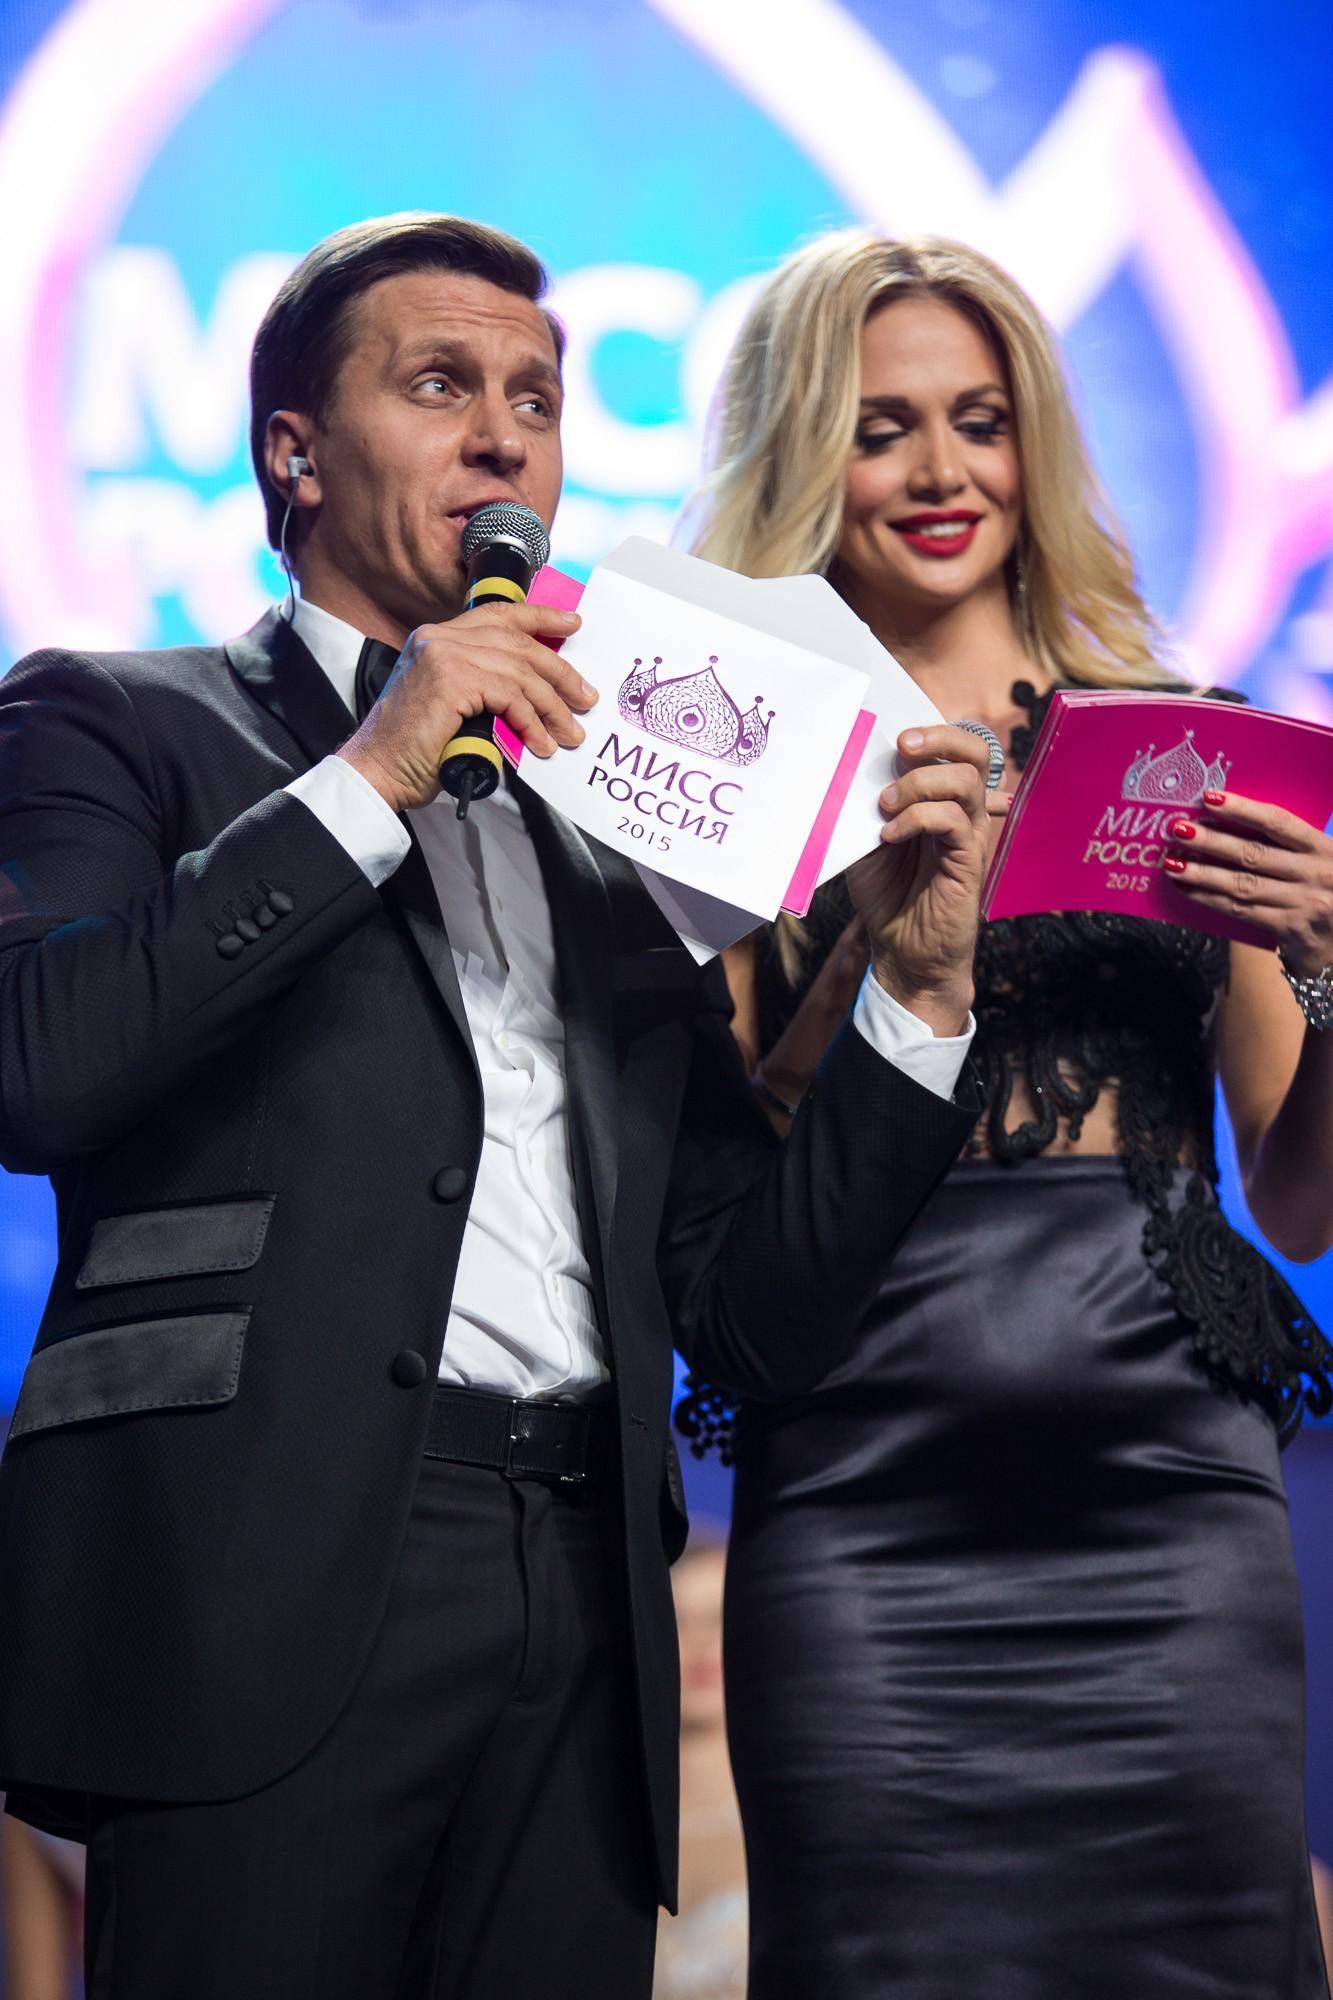 Финал Мисс России 2015 - 79